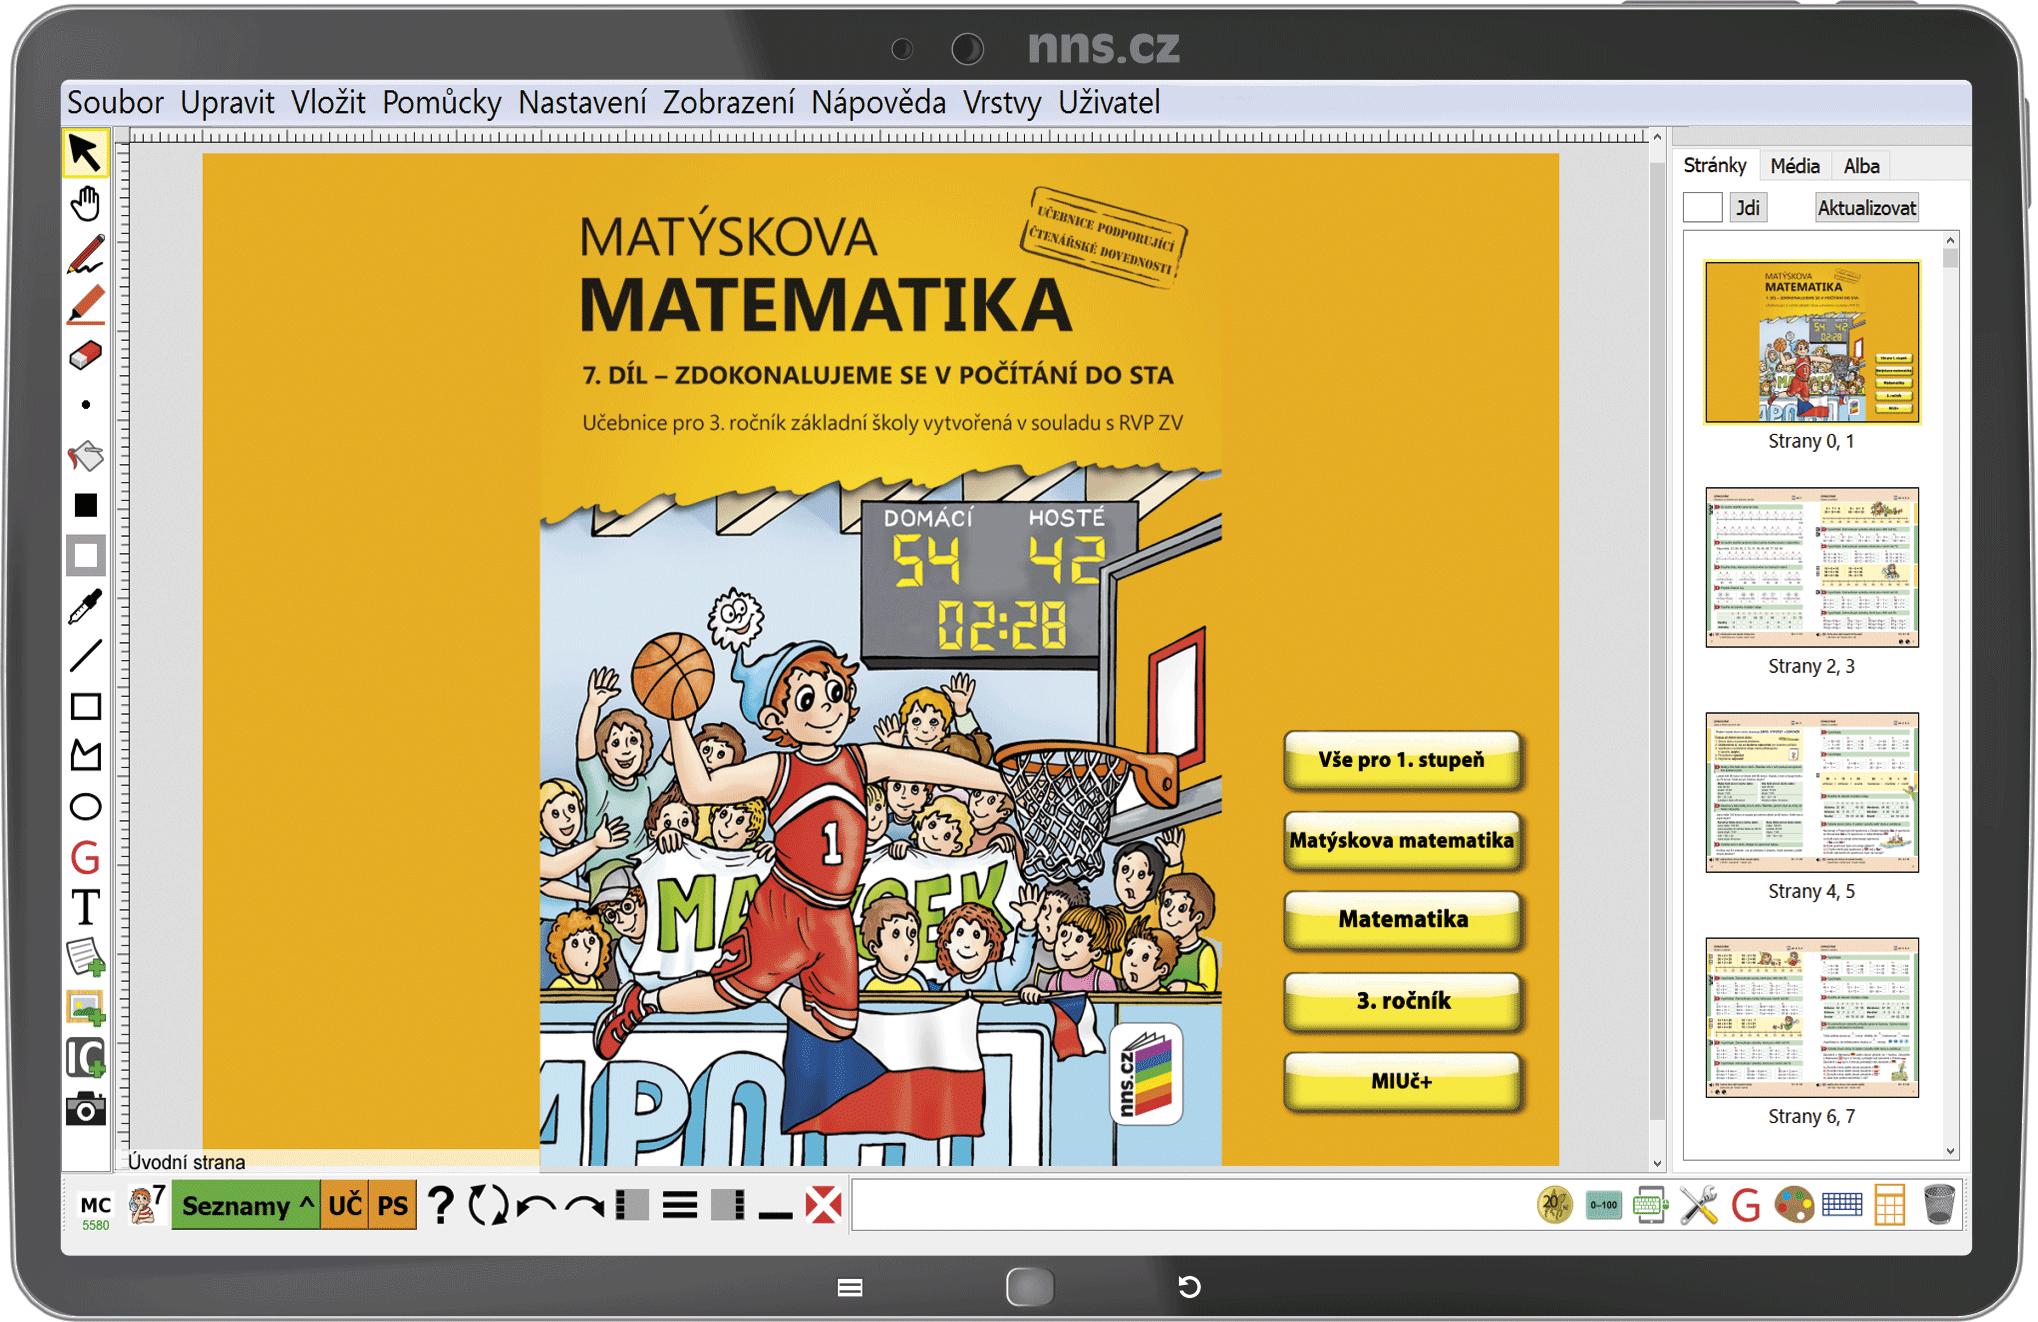 MIUč+ Matýskova matematika, 7., 8. díl a Geometrie – školní licence pro 1 učitele na 1 školní ro